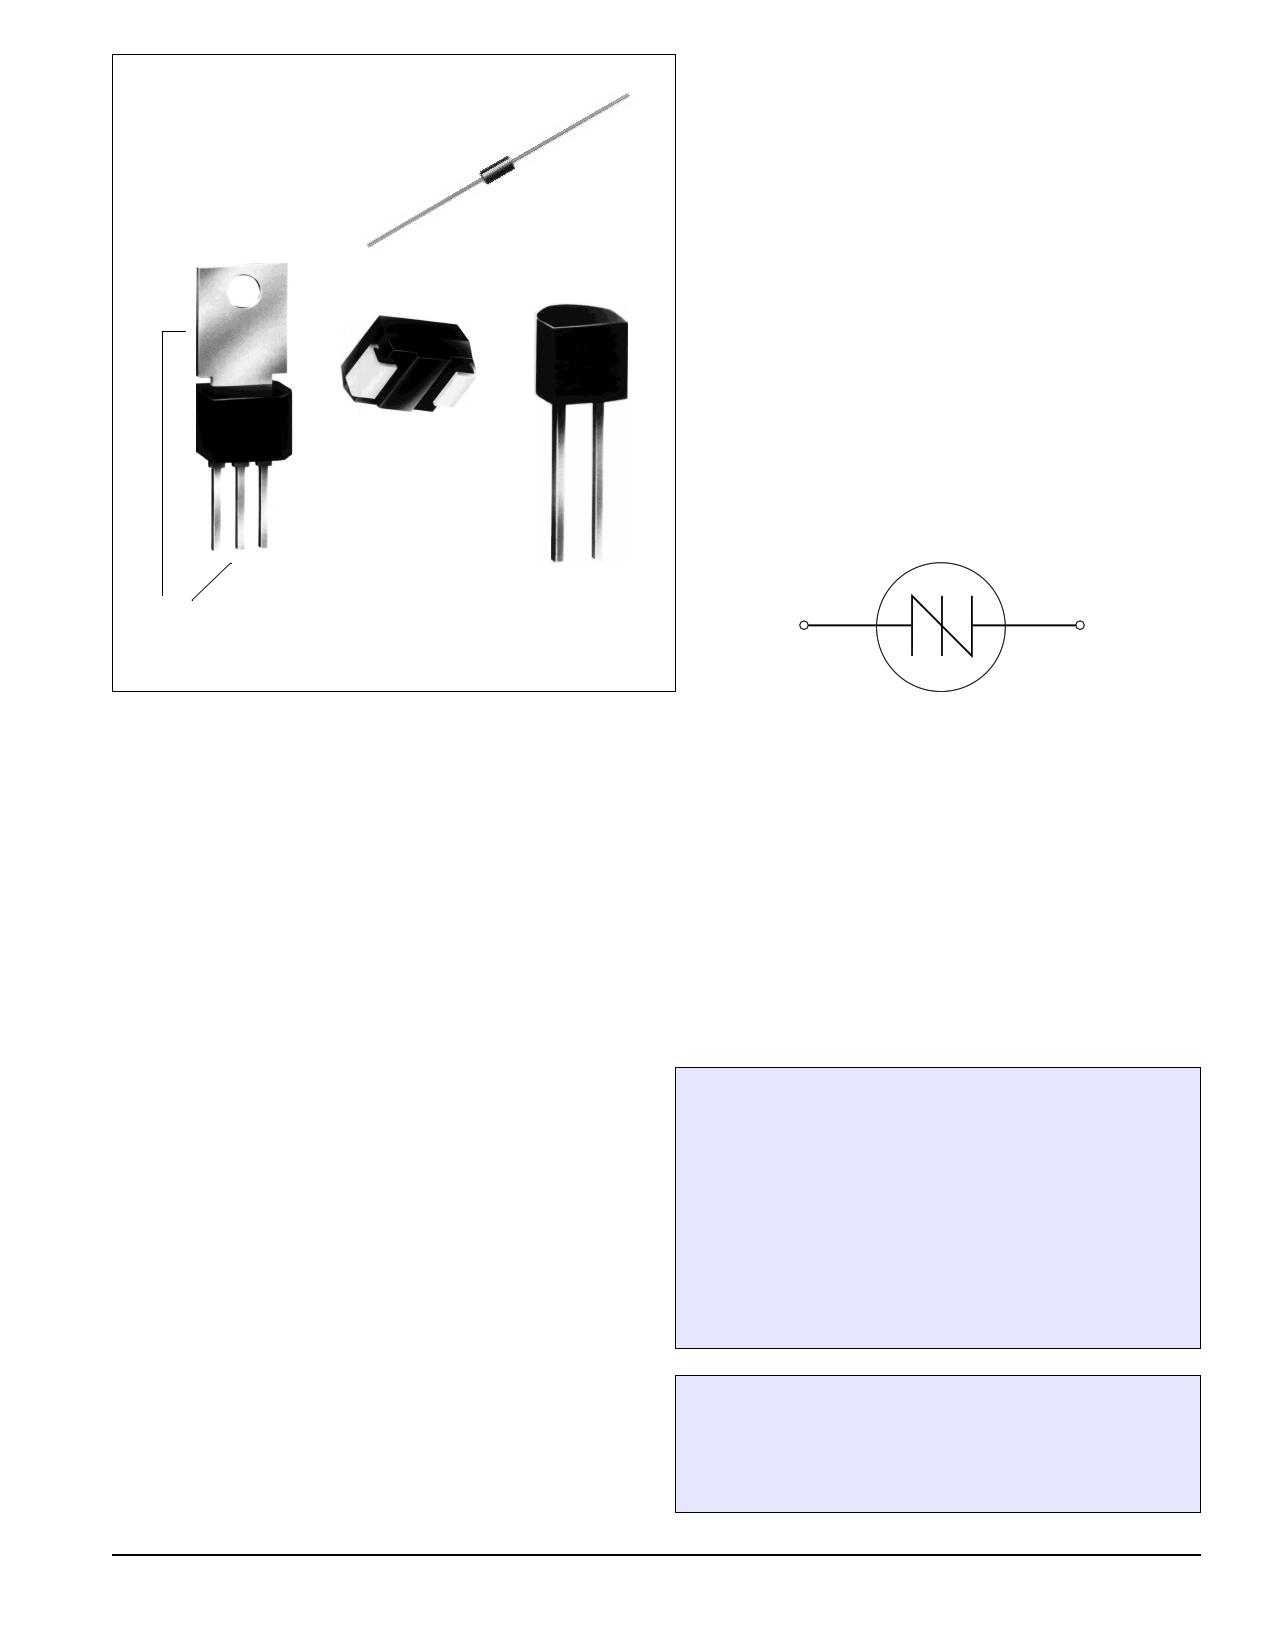 K1050S datasheet